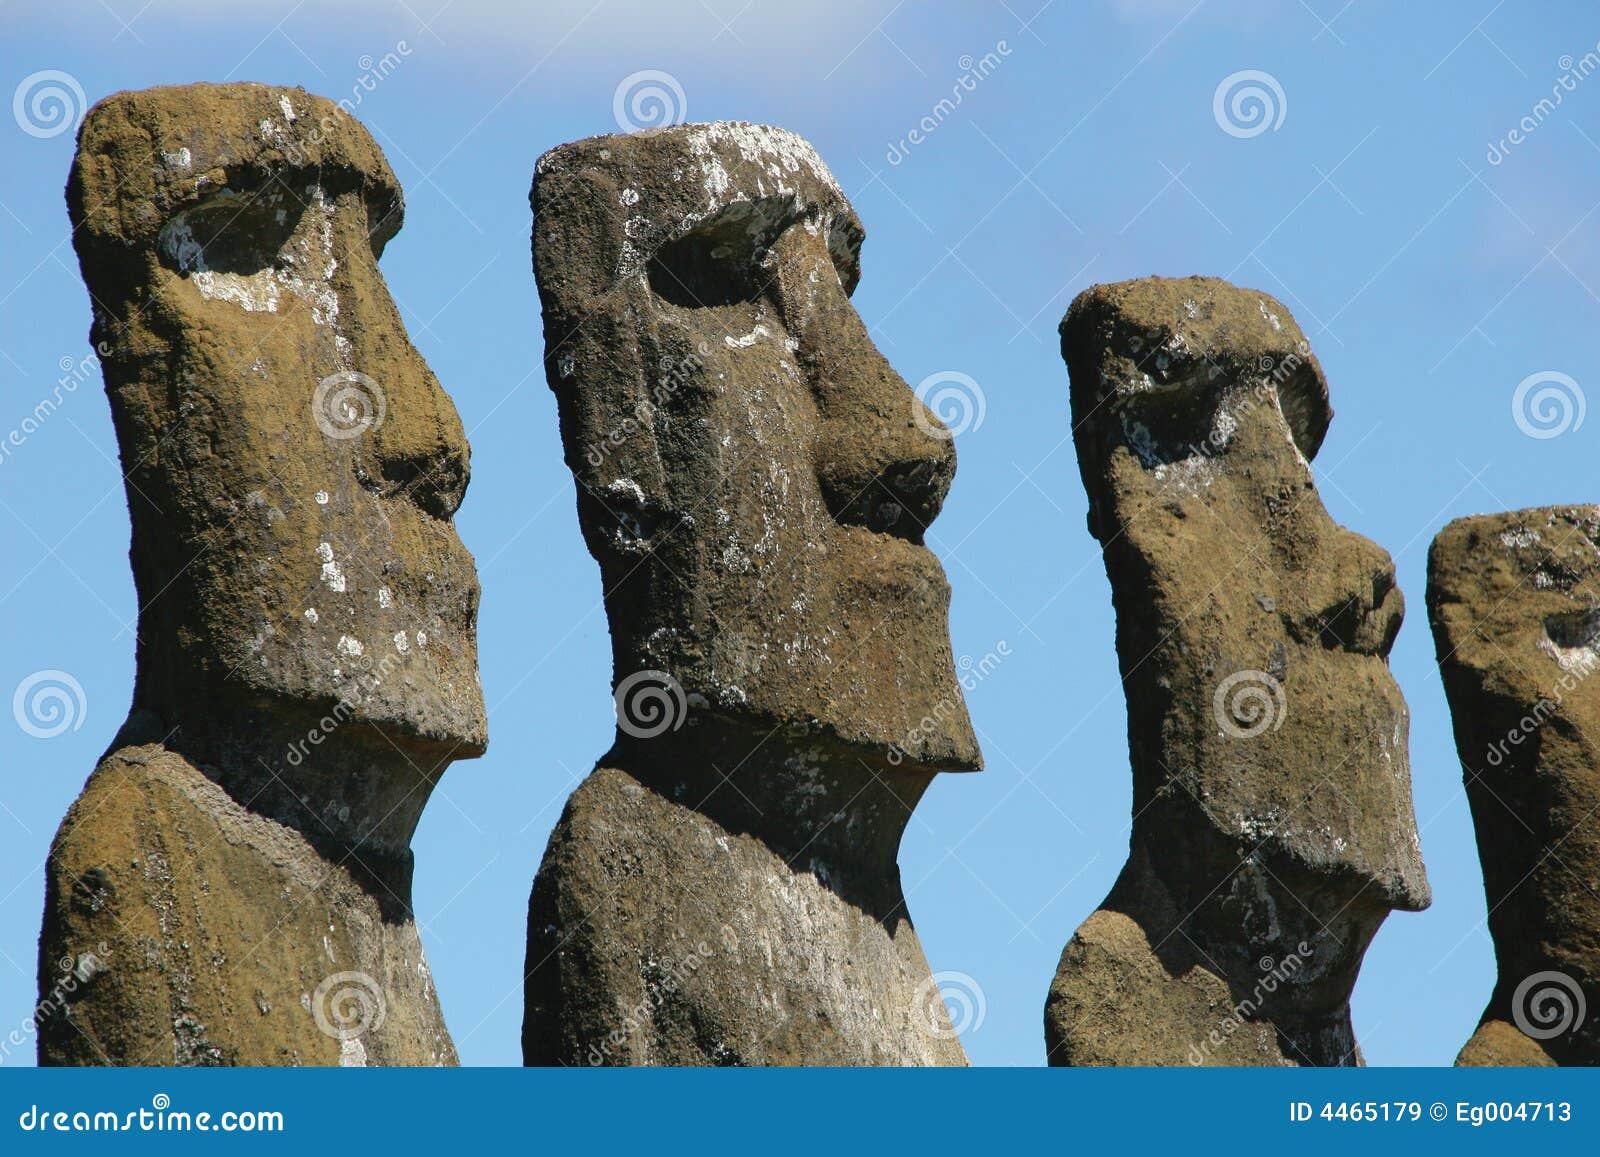 Heads of Ahu Akivi, Easter Isl